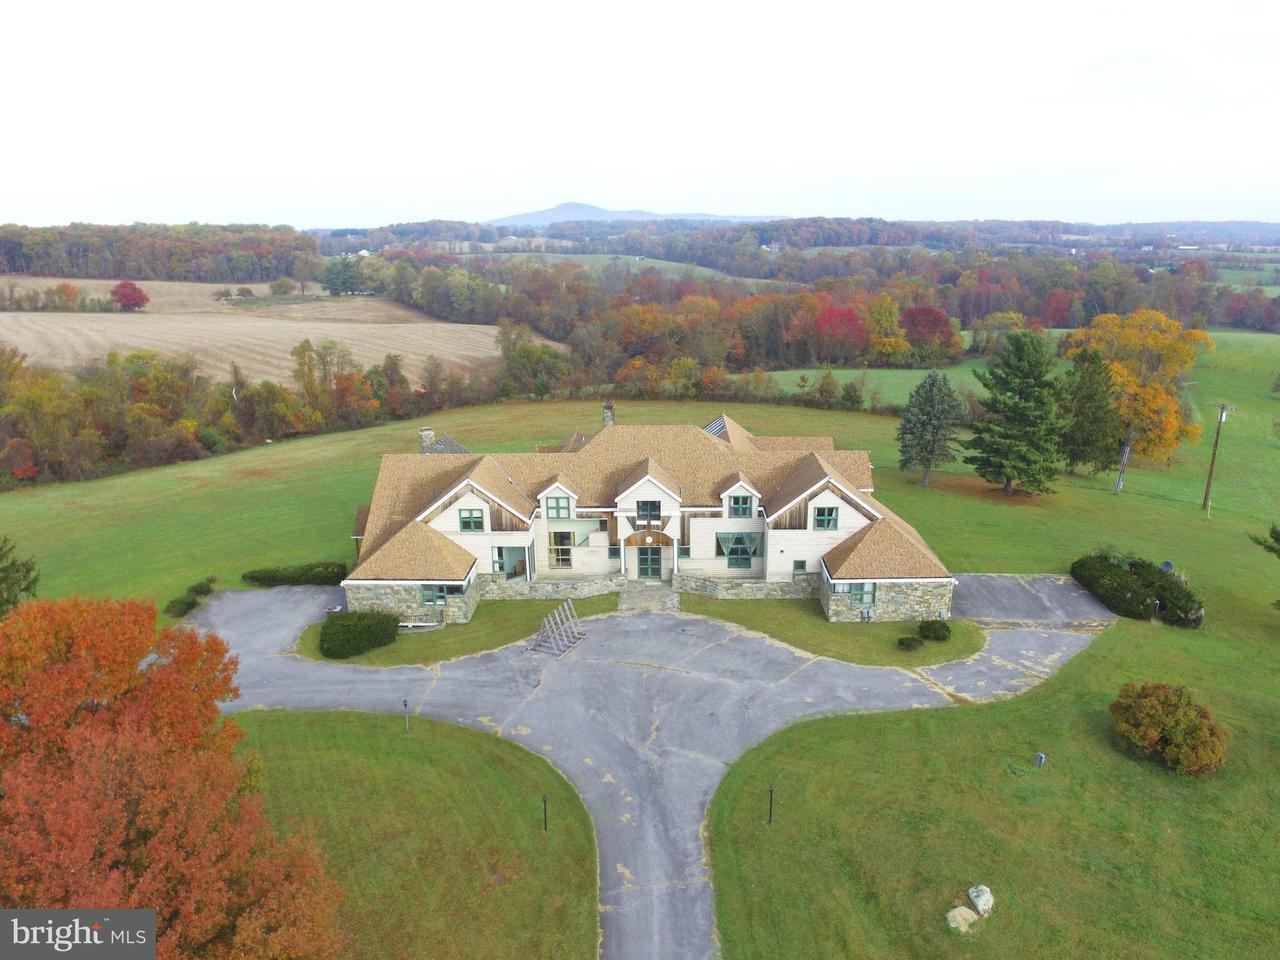 Коммерческий для того Продажа на 17300 WHITES STORE Road 17300 WHITES STORE Road Boyds, Мэриленд 20841 Соединенные Штаты